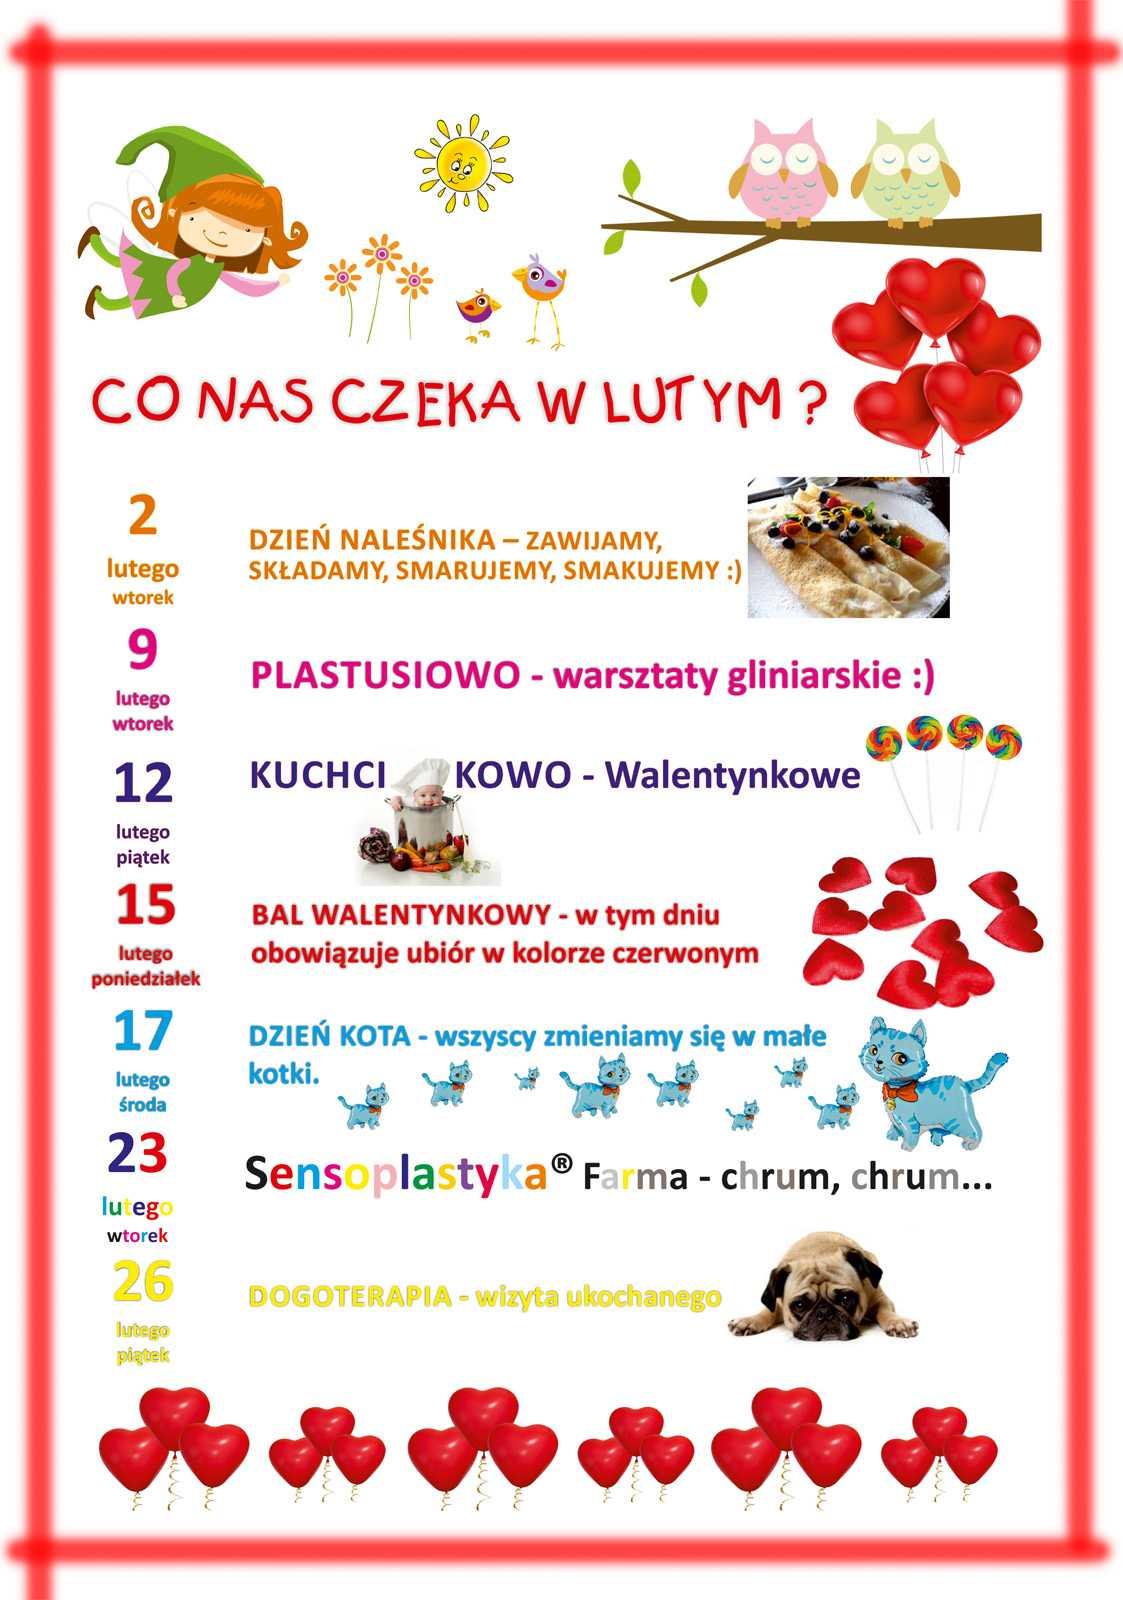 Kalendarium_luty2021_1600